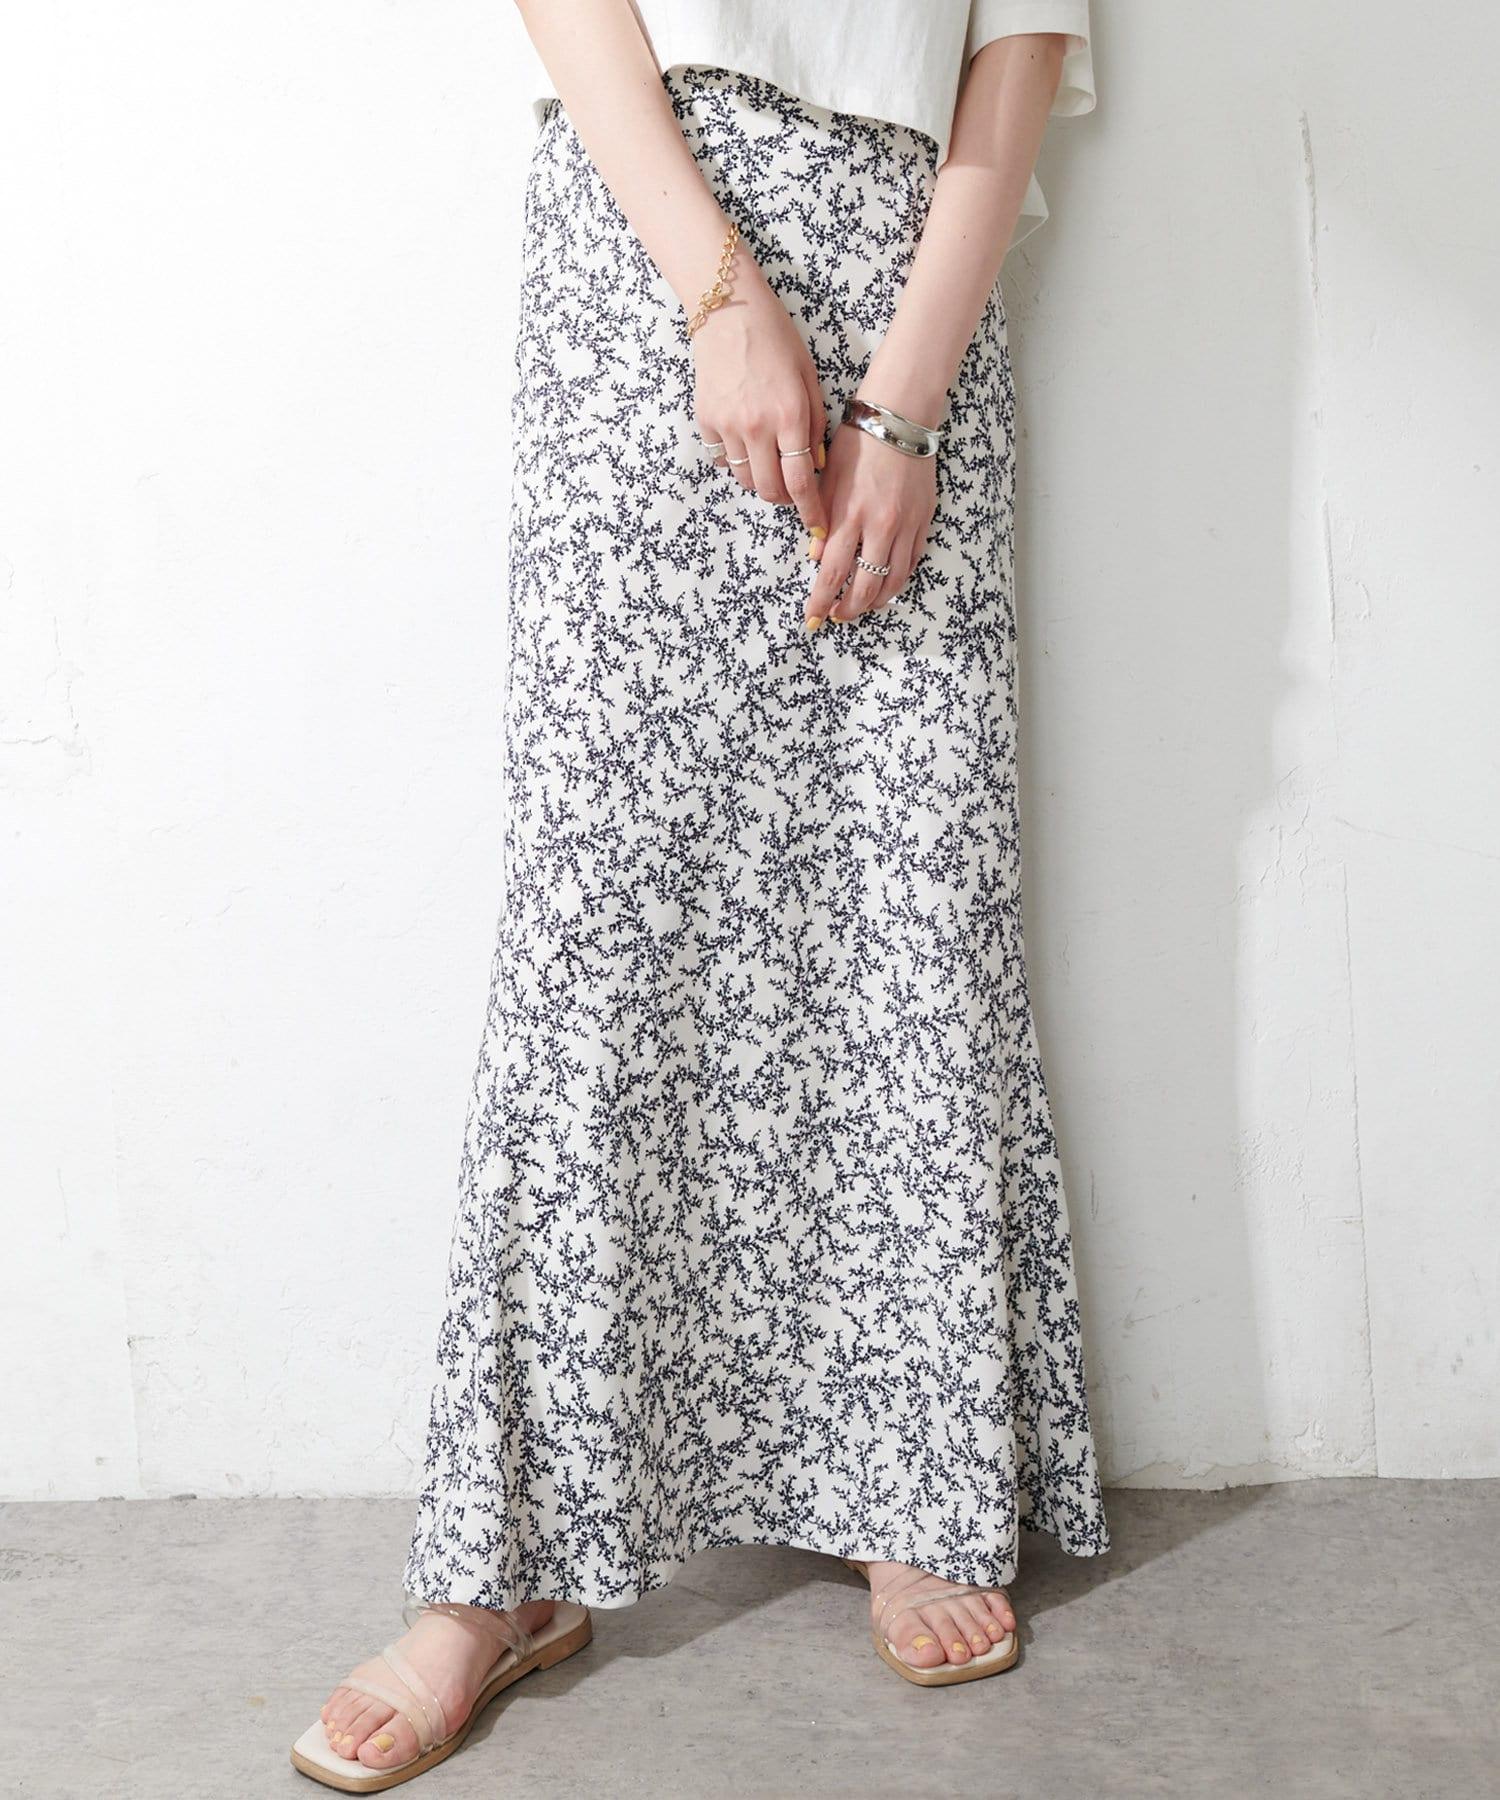 Discoat(ディスコート) 柄マーメイドスカート